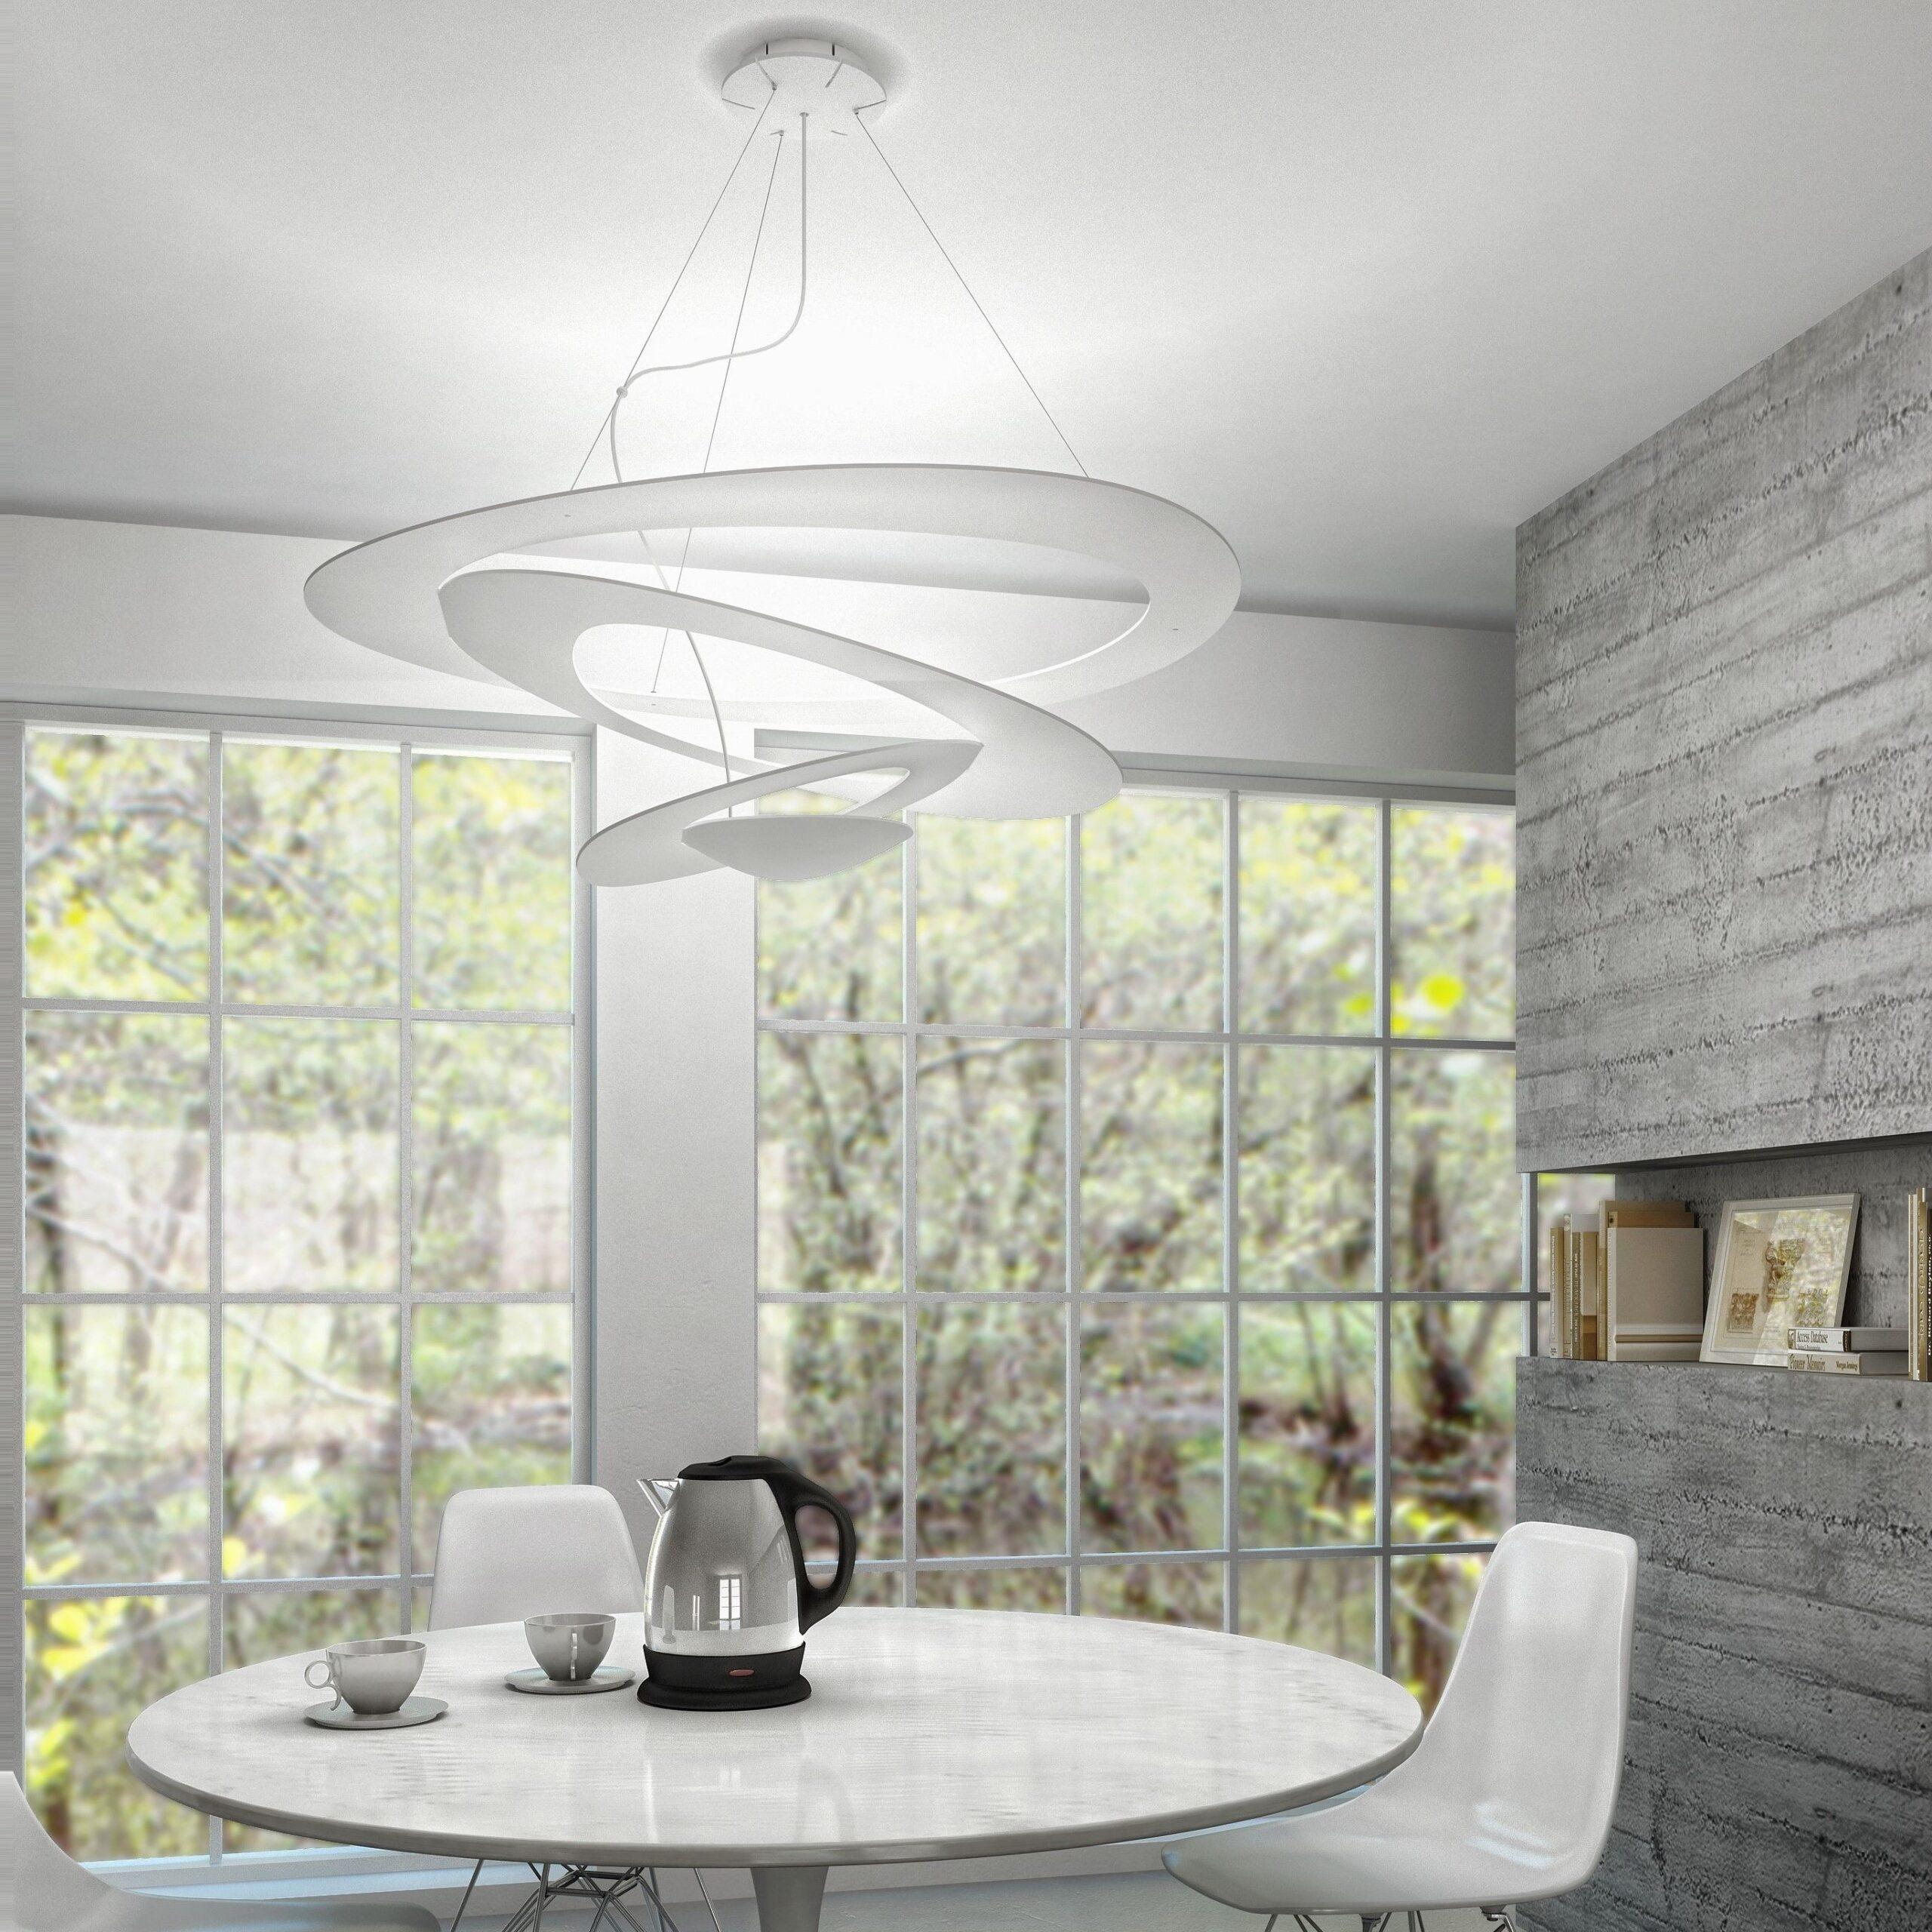 Full Size of Deckenlampe Esstisch Filigrane Deckenleuchte Pirce Berzeugt Mit Ihrem Innovativen Stühle Kaufen Kleiner Weißer Ovaler Esstische Ausziehbar Stühlen Günstig Esstische Deckenlampe Esstisch